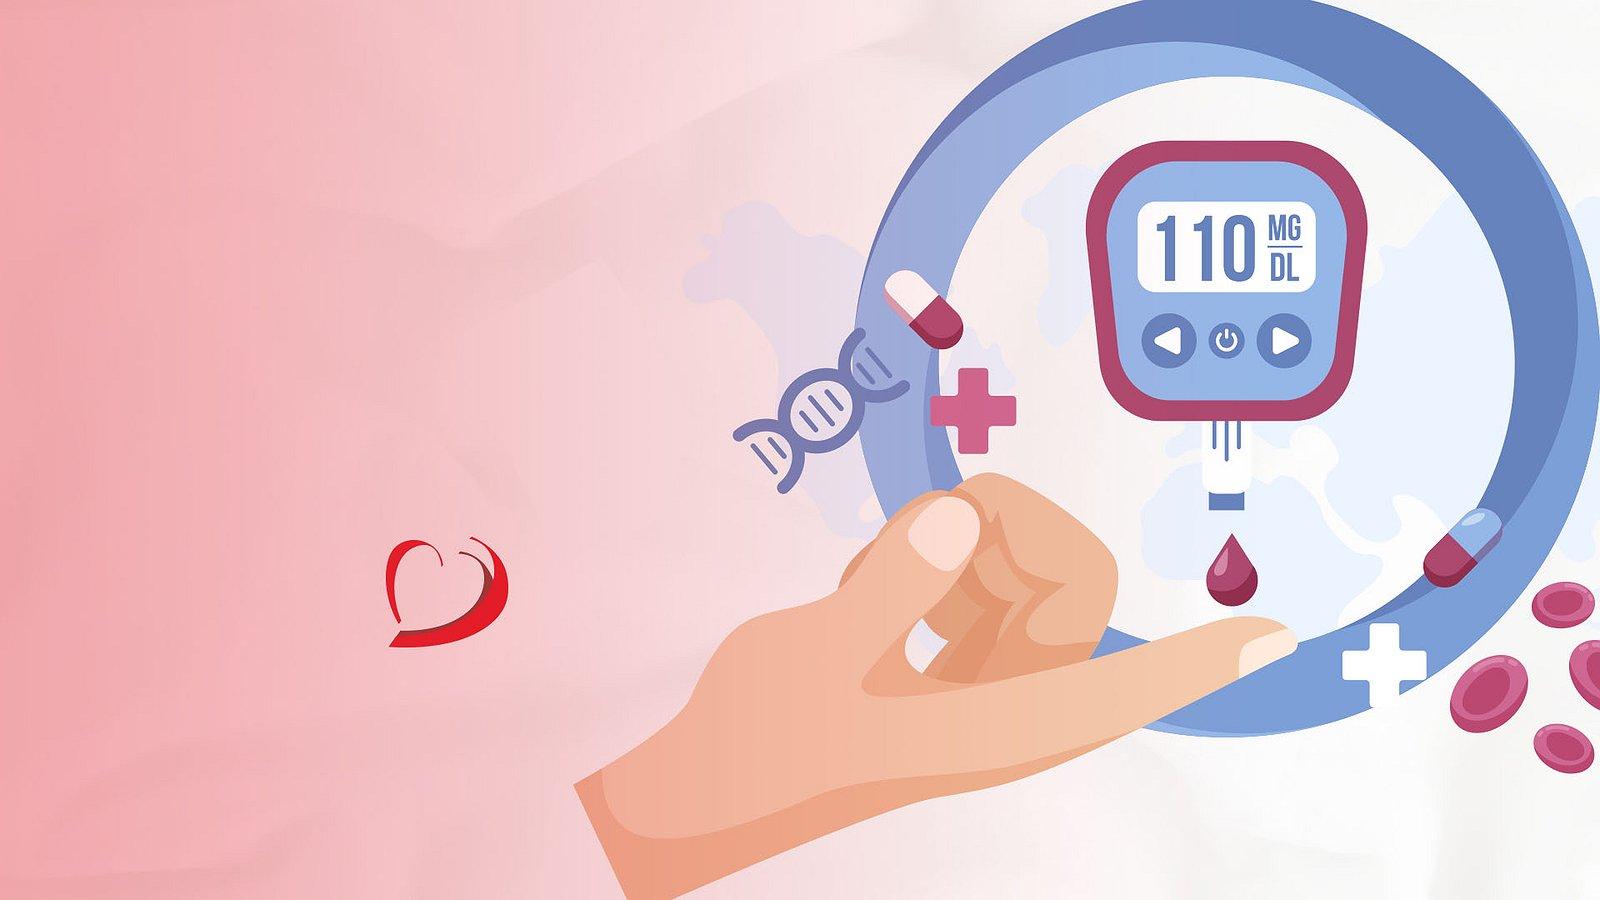 Diabetes uma doença que podemos evitar tendo hábitos saudáveis